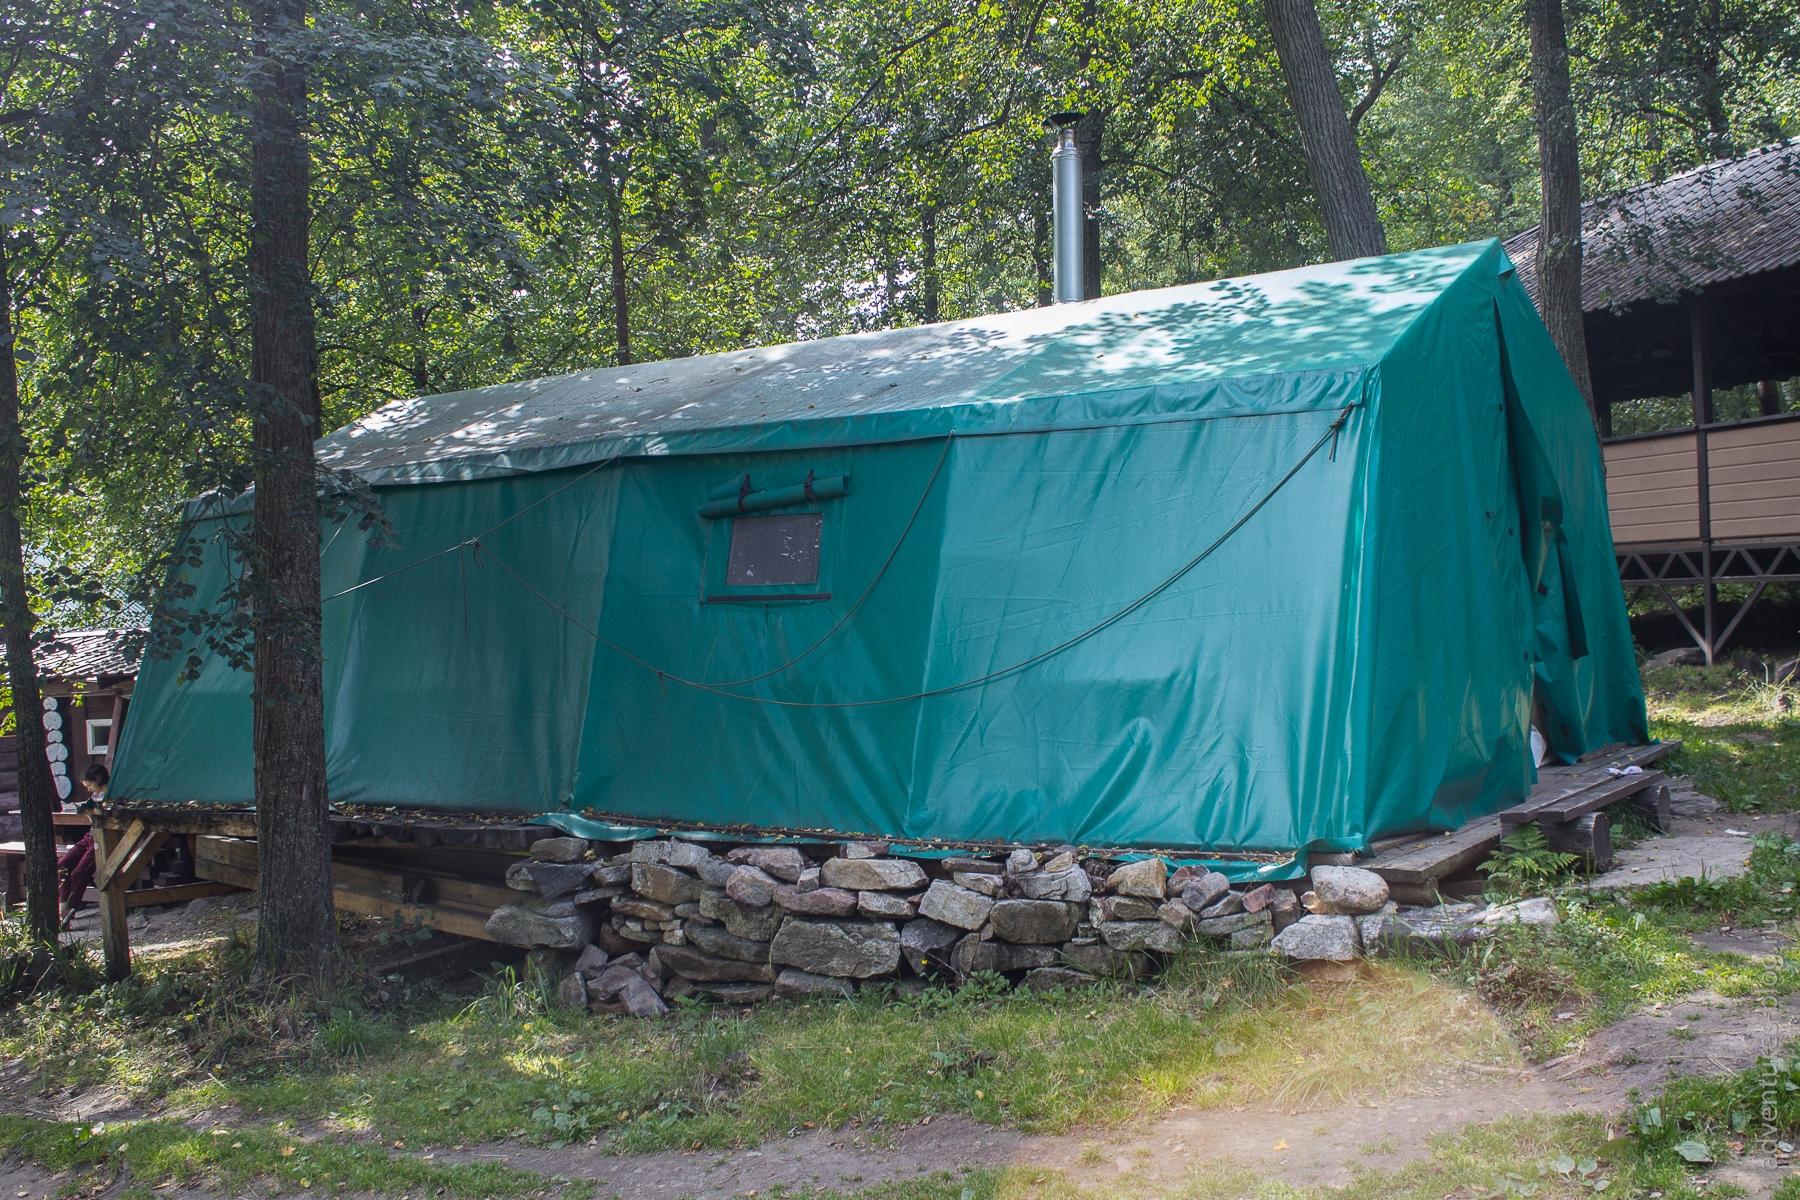 Еще один вариант проживания на приюте - отапливаемая палатка. То же что и домик но почти без окон.